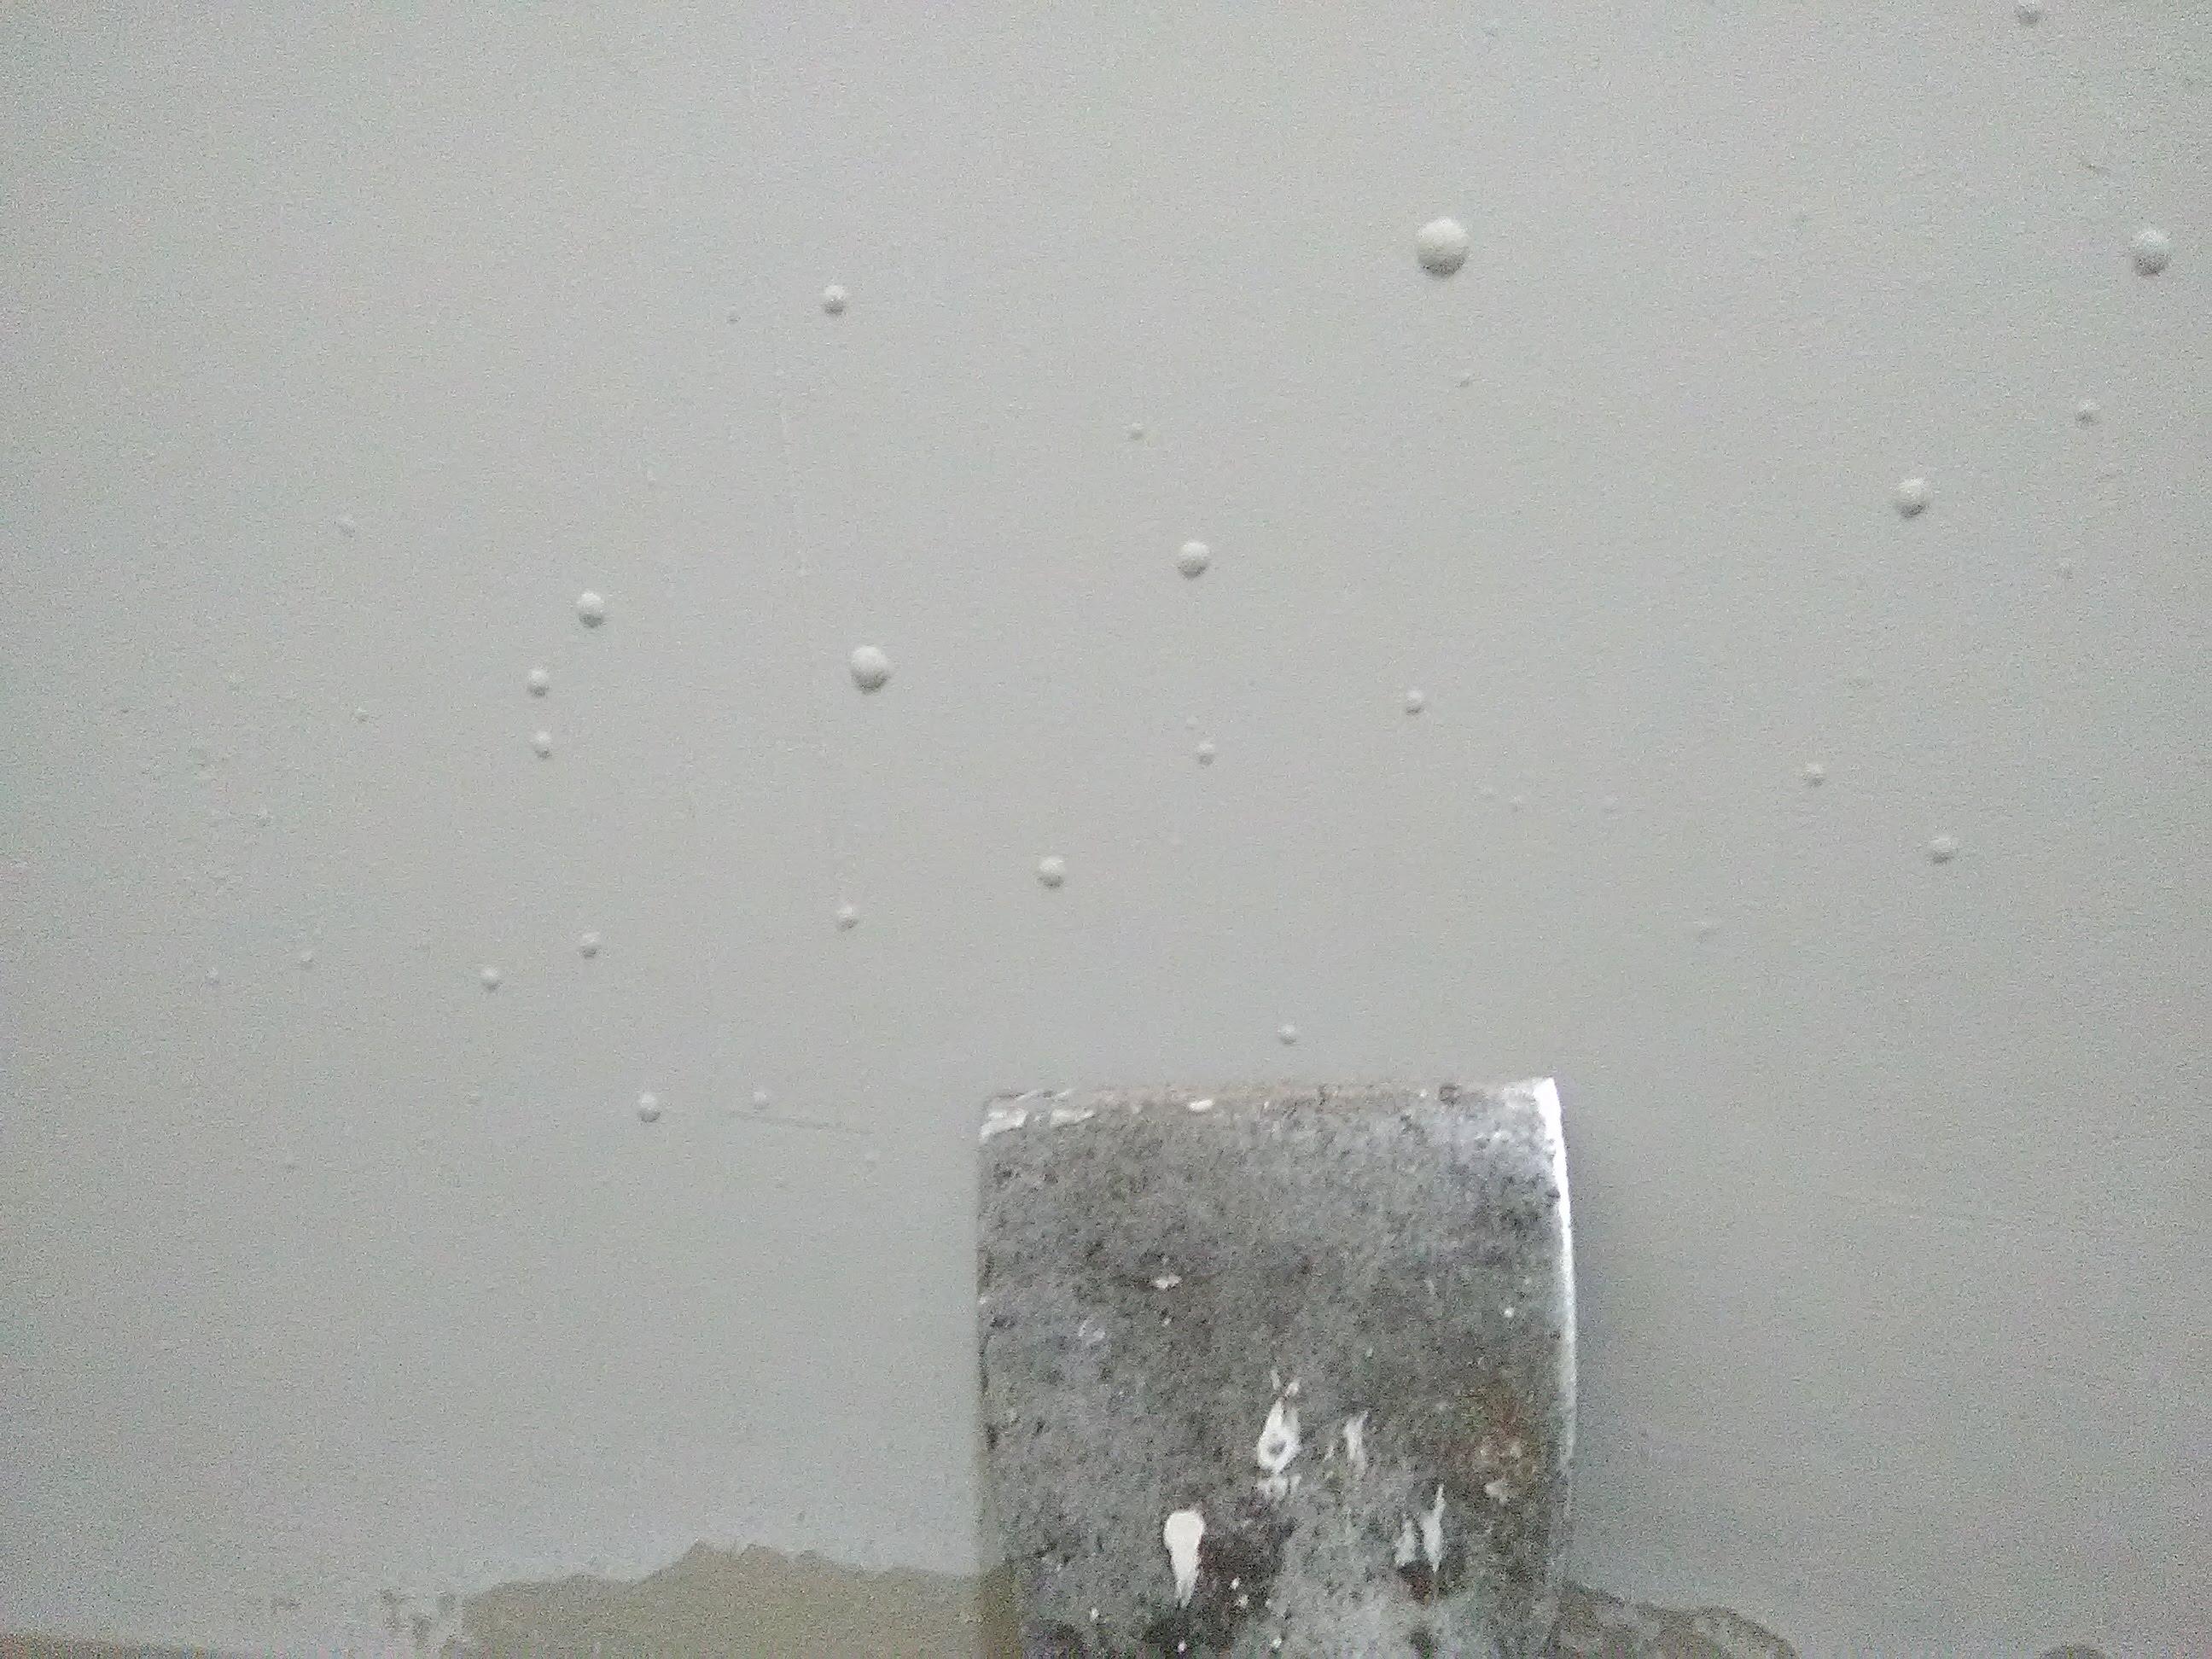 Latex paint bubbles